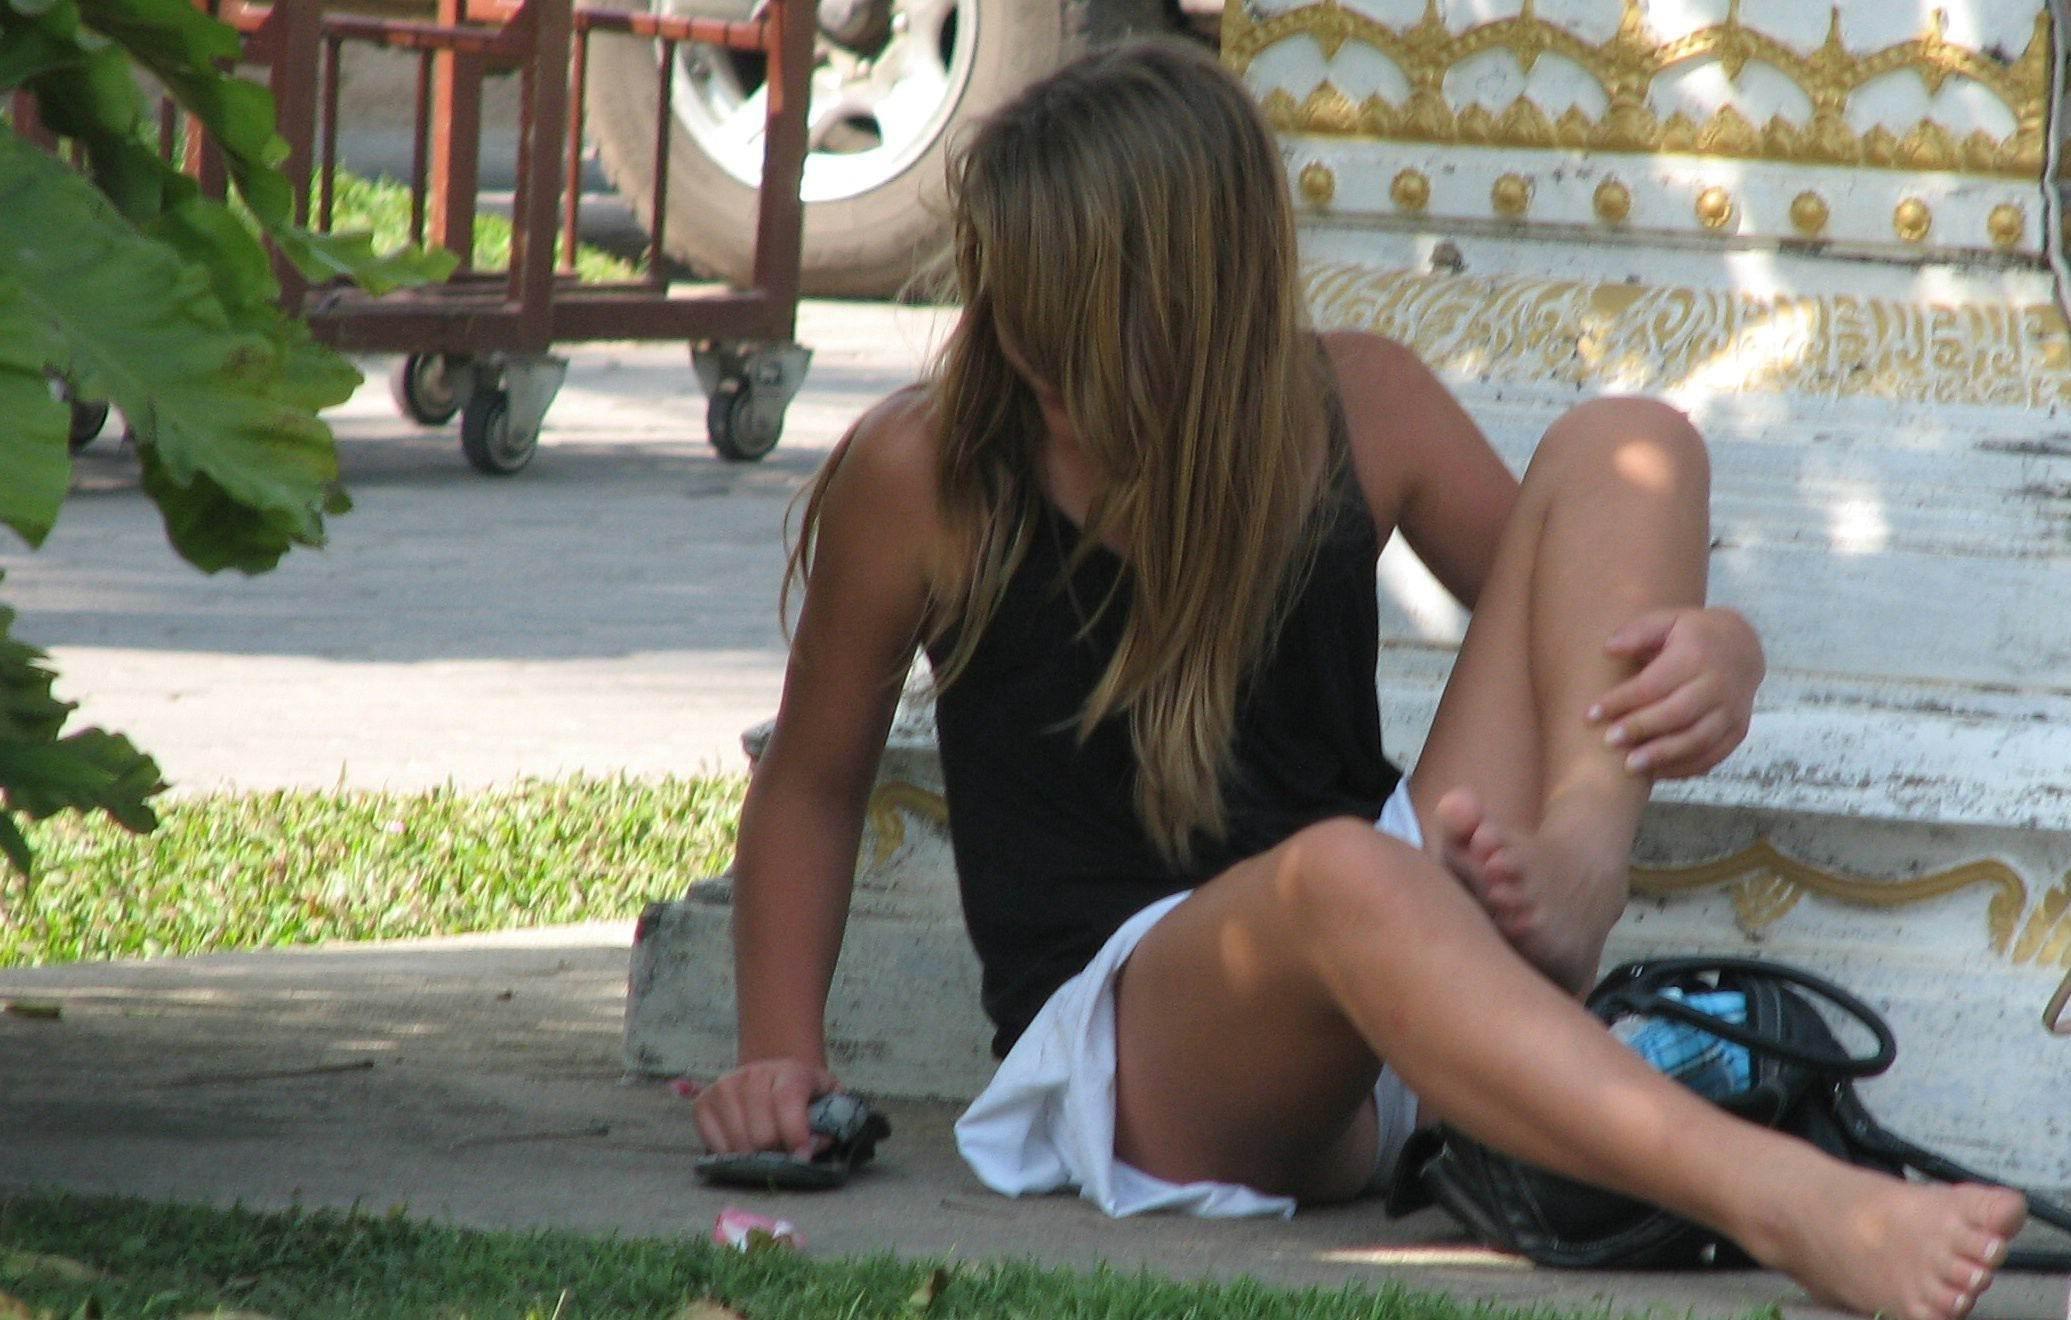 Девушка в короткой юбке засветила белые трусики